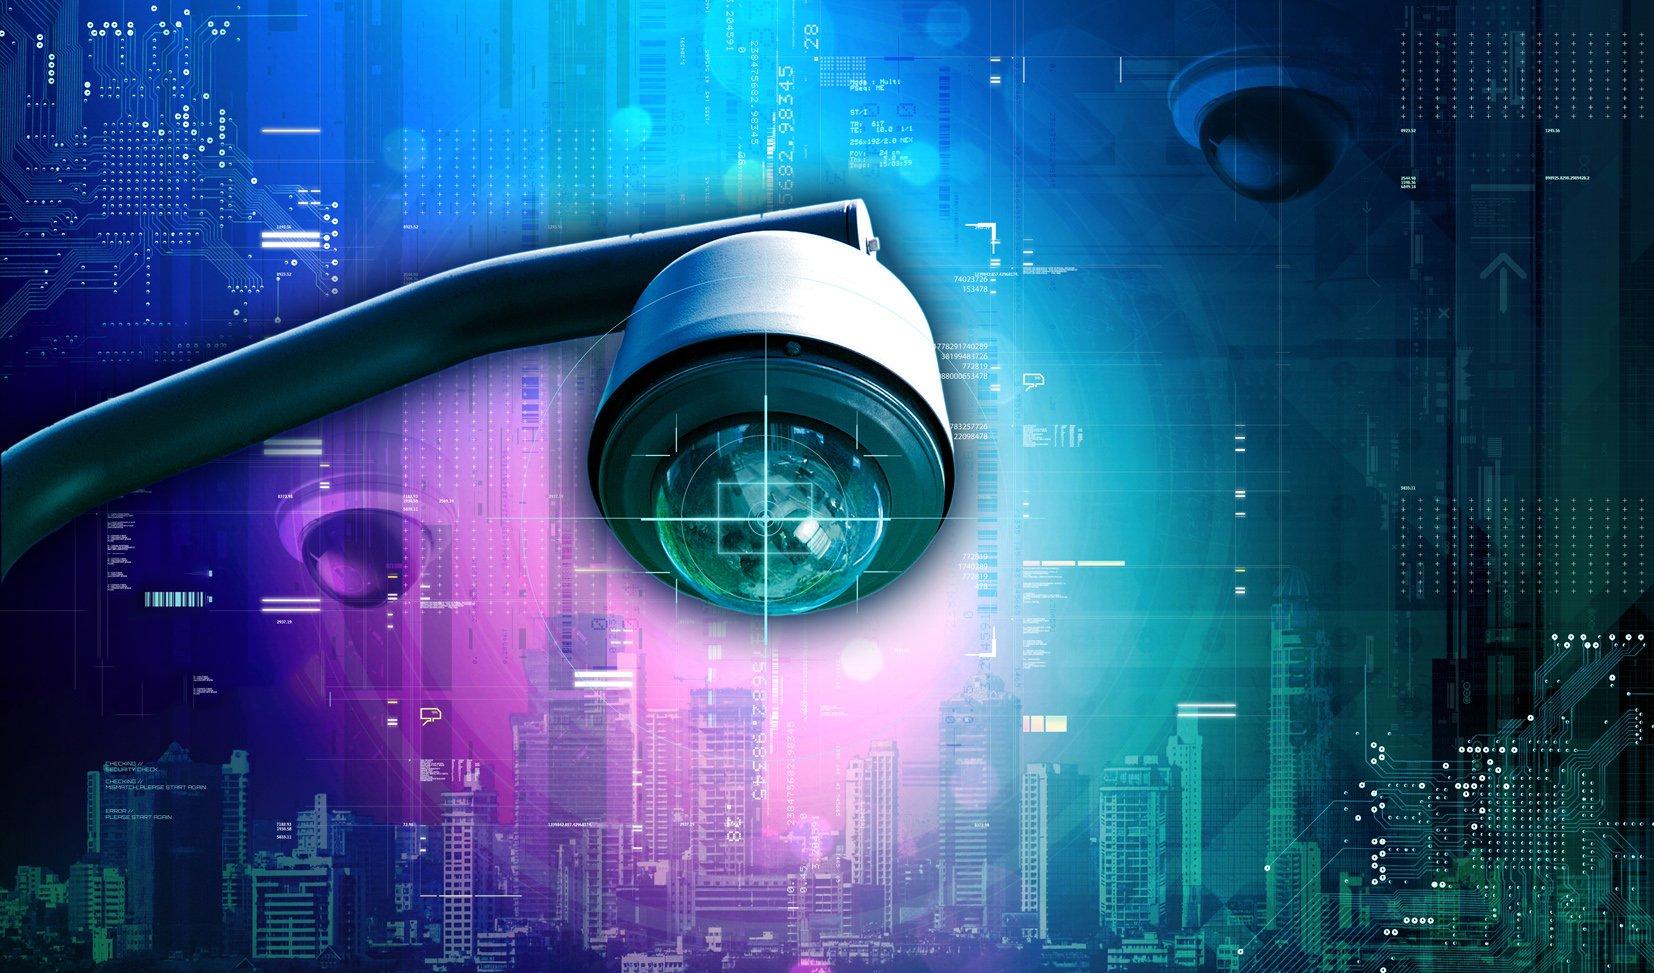 cctv camera service in hisar haryana